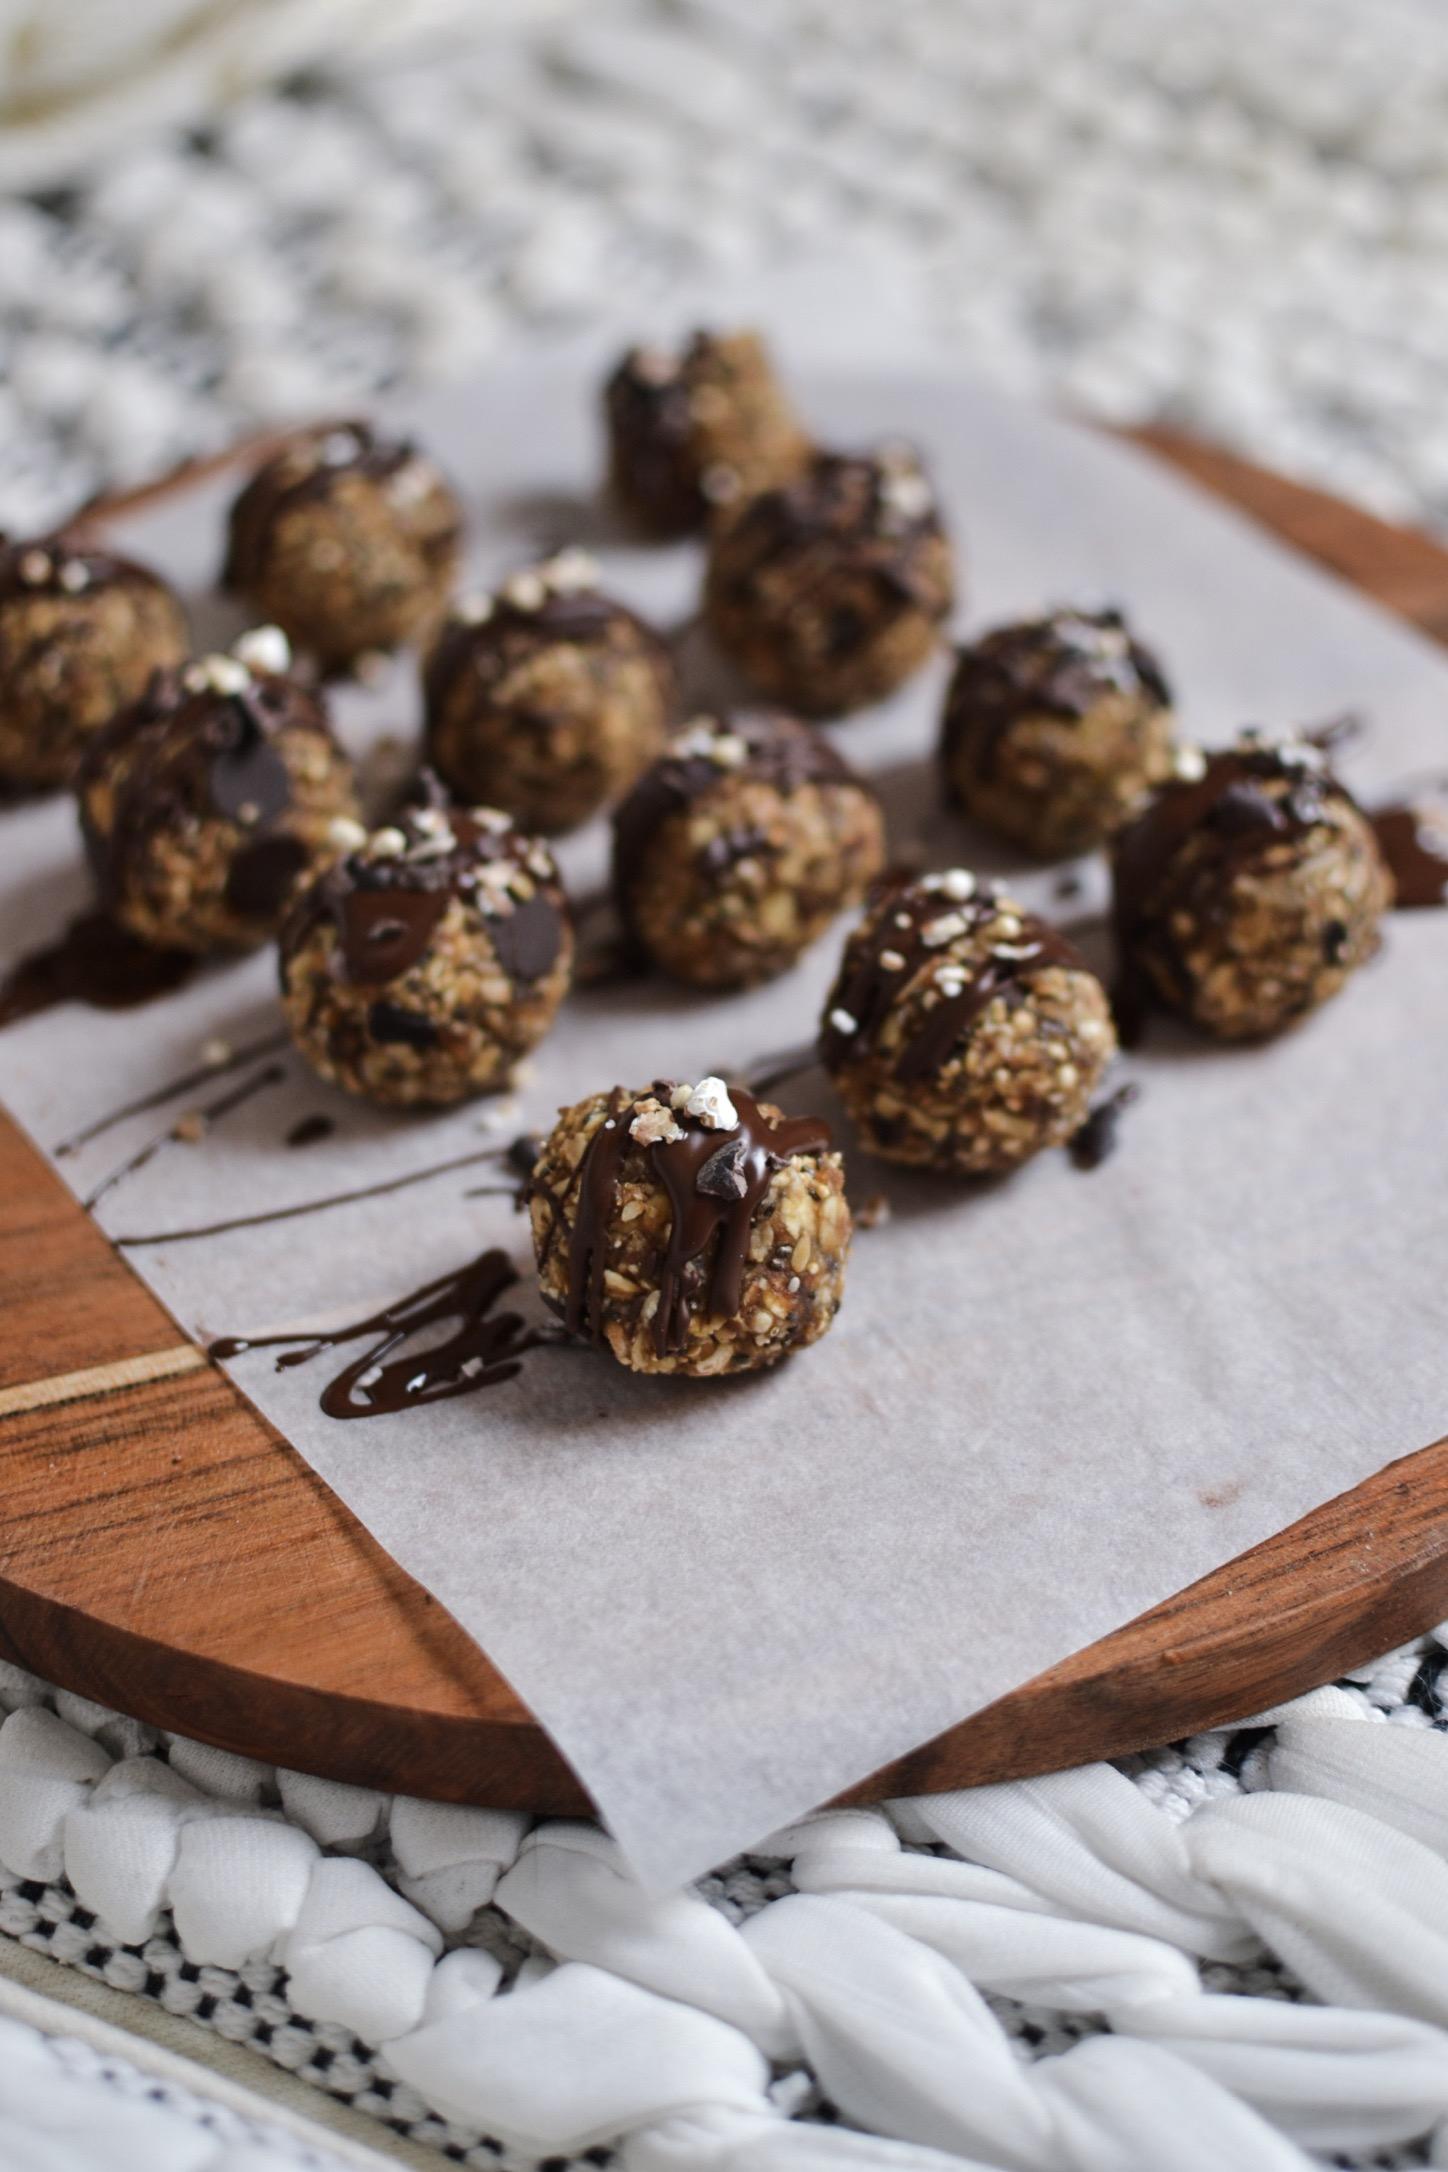 Le heakthy snack parfait ! Les energy balls aux flocons de quinoa soufflés , dattes , peanut butter et une touche de chocolat